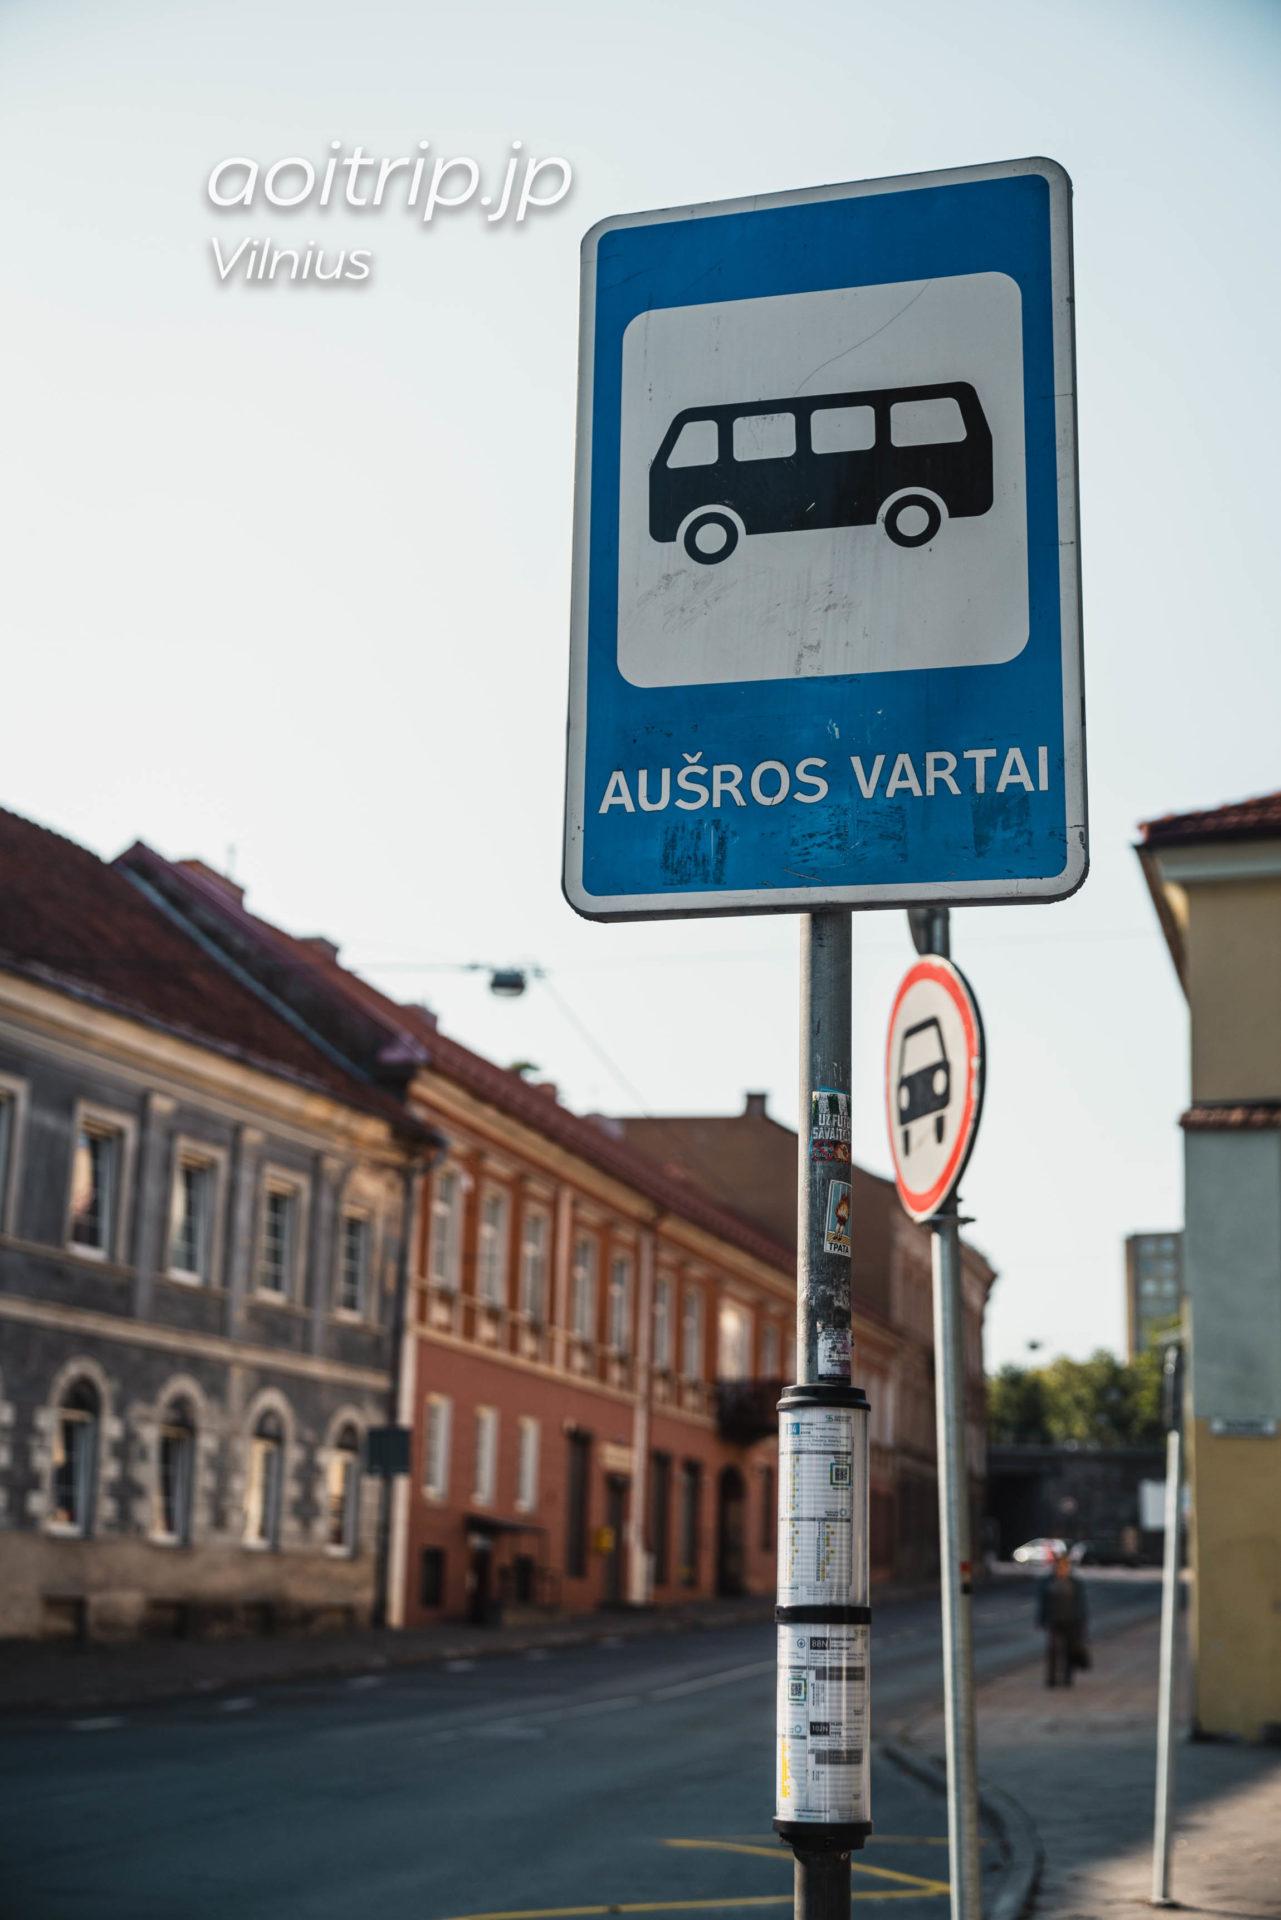 「夜明けの門」前のバス停 Aušros Vartai